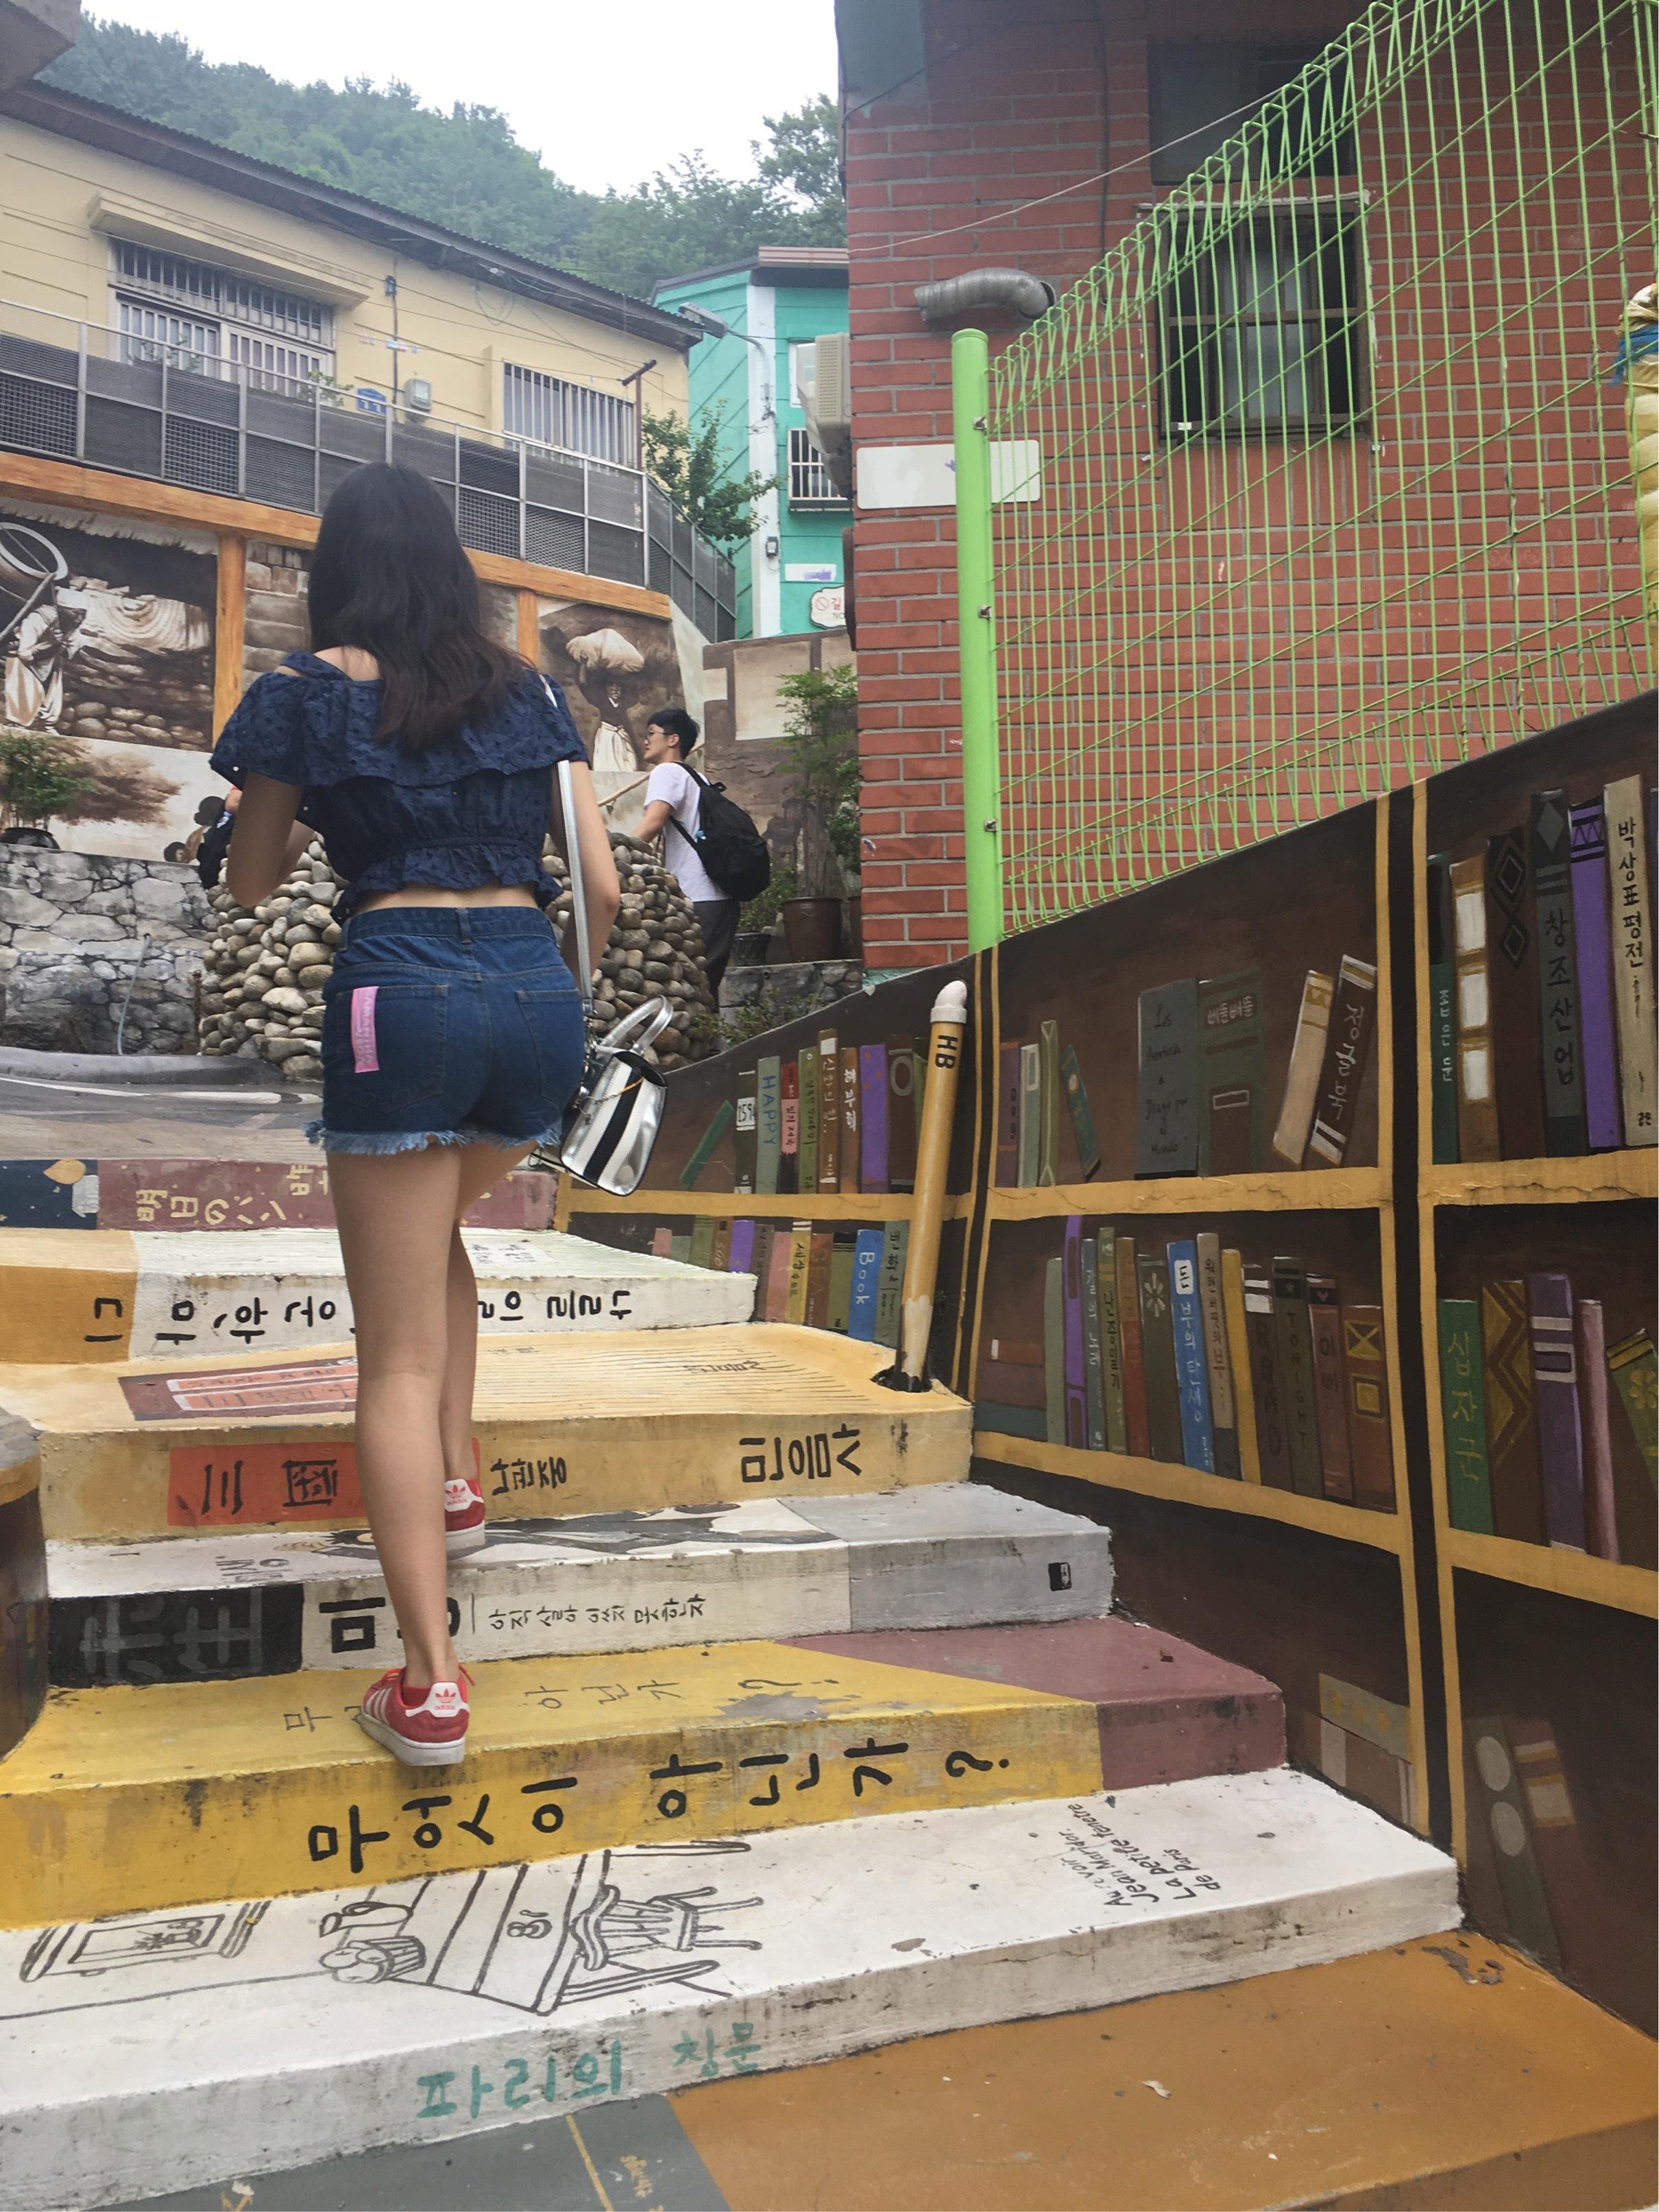 【韓国】釜山女子旅①インスタ映えスポット2選_1_5-1